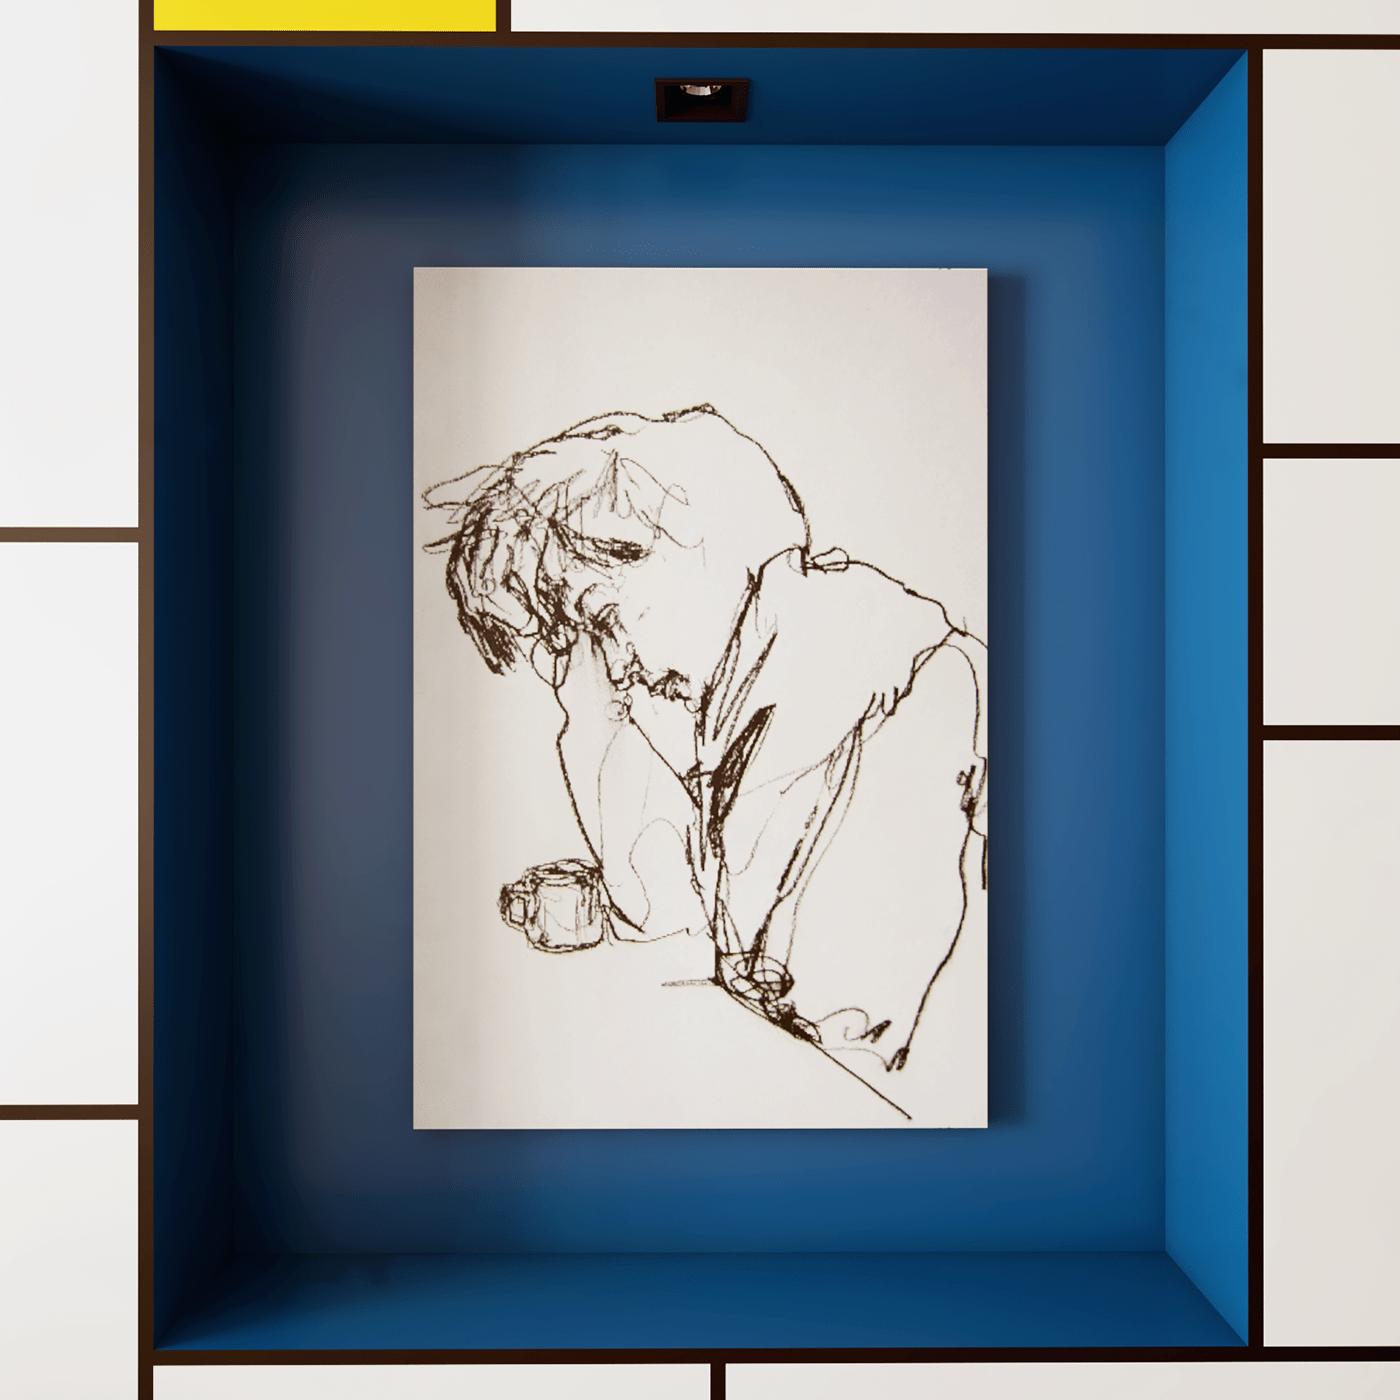 Image may contain: drawing, monitor and art